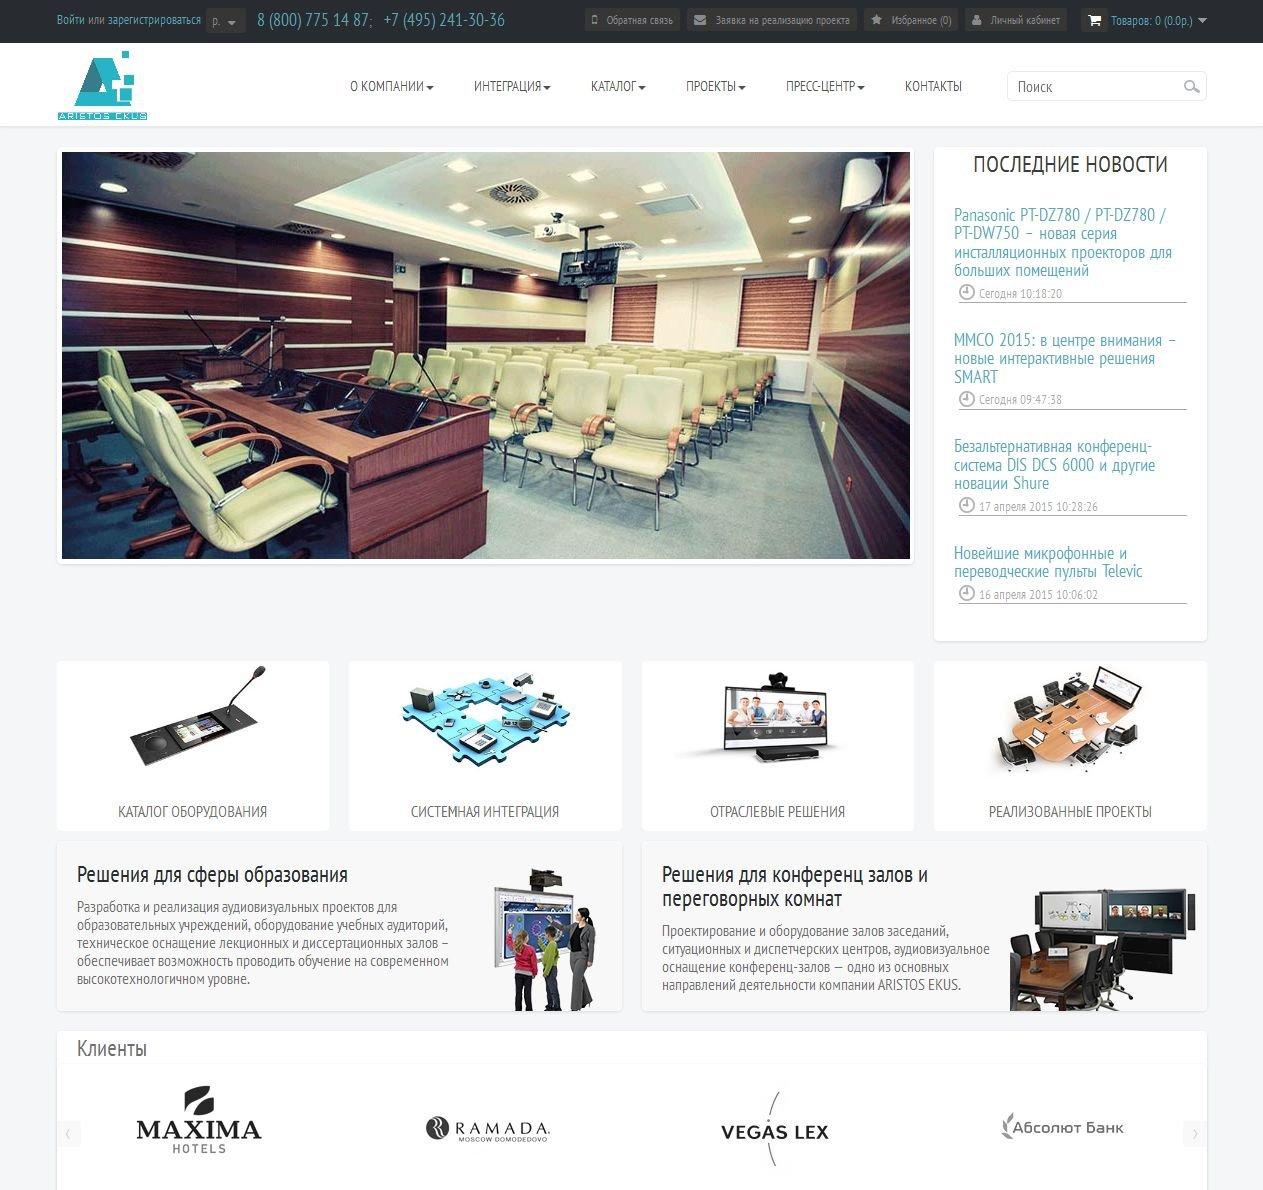 Aristos-Ekus - Профессиональное звуковое и видео оборудование